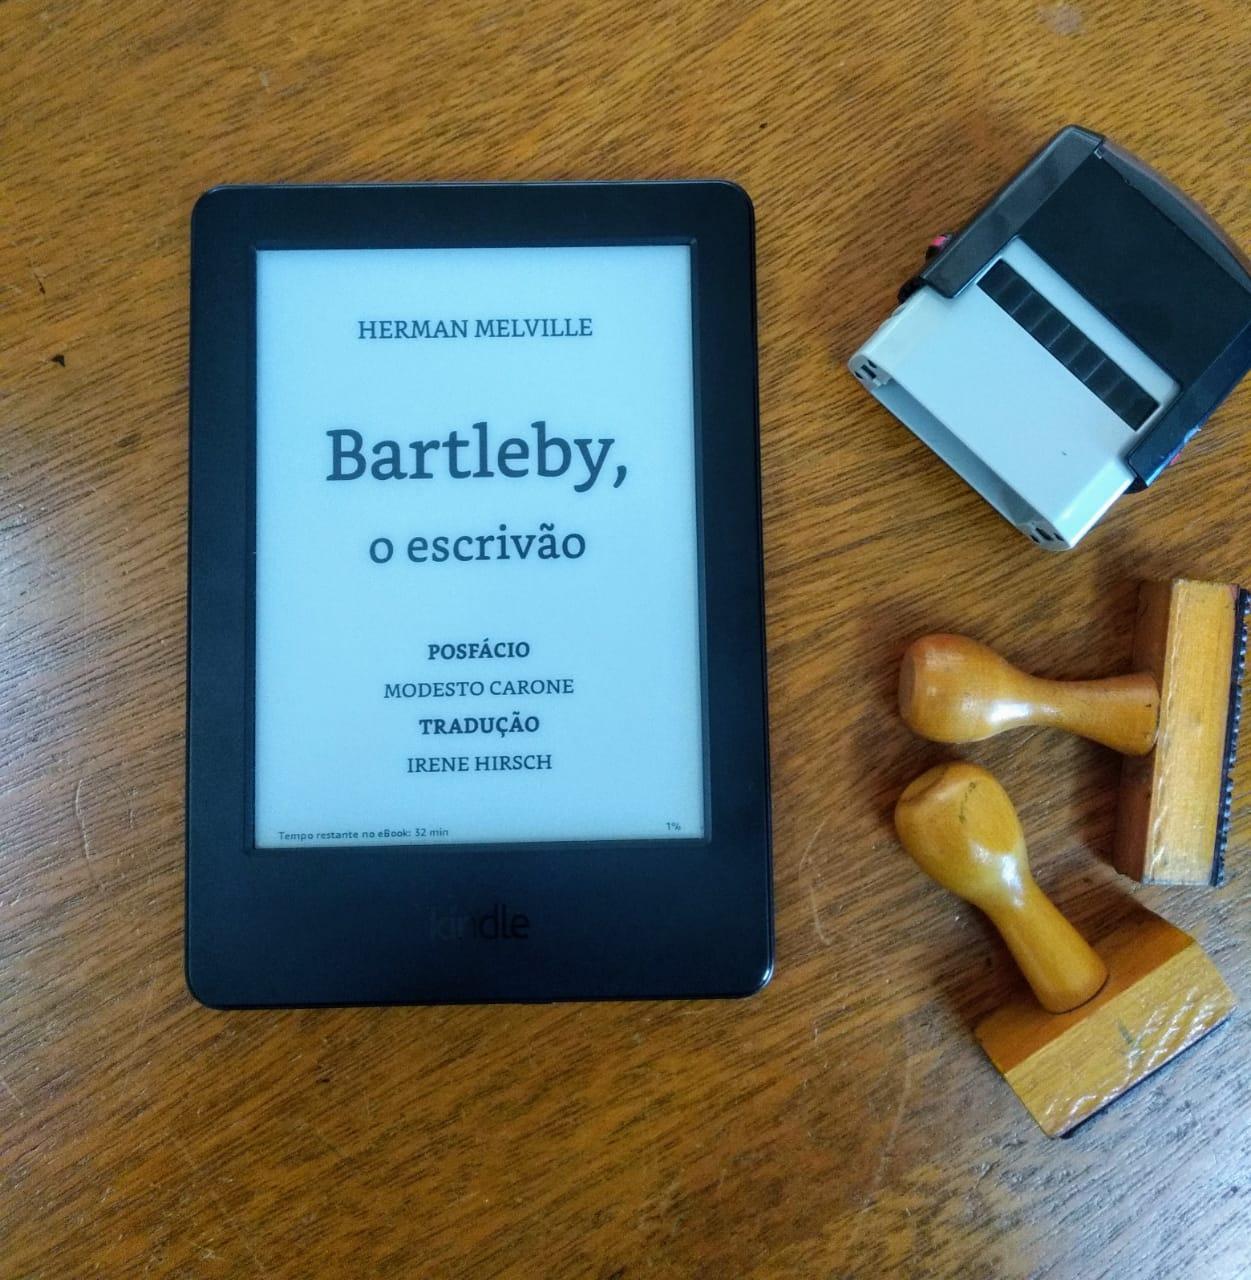 [RESENHA] BARTLEBY, O ESCRIVÃO: UMA HISTÓRIA DE WALL STREET, DE HERMAN MELVILLE